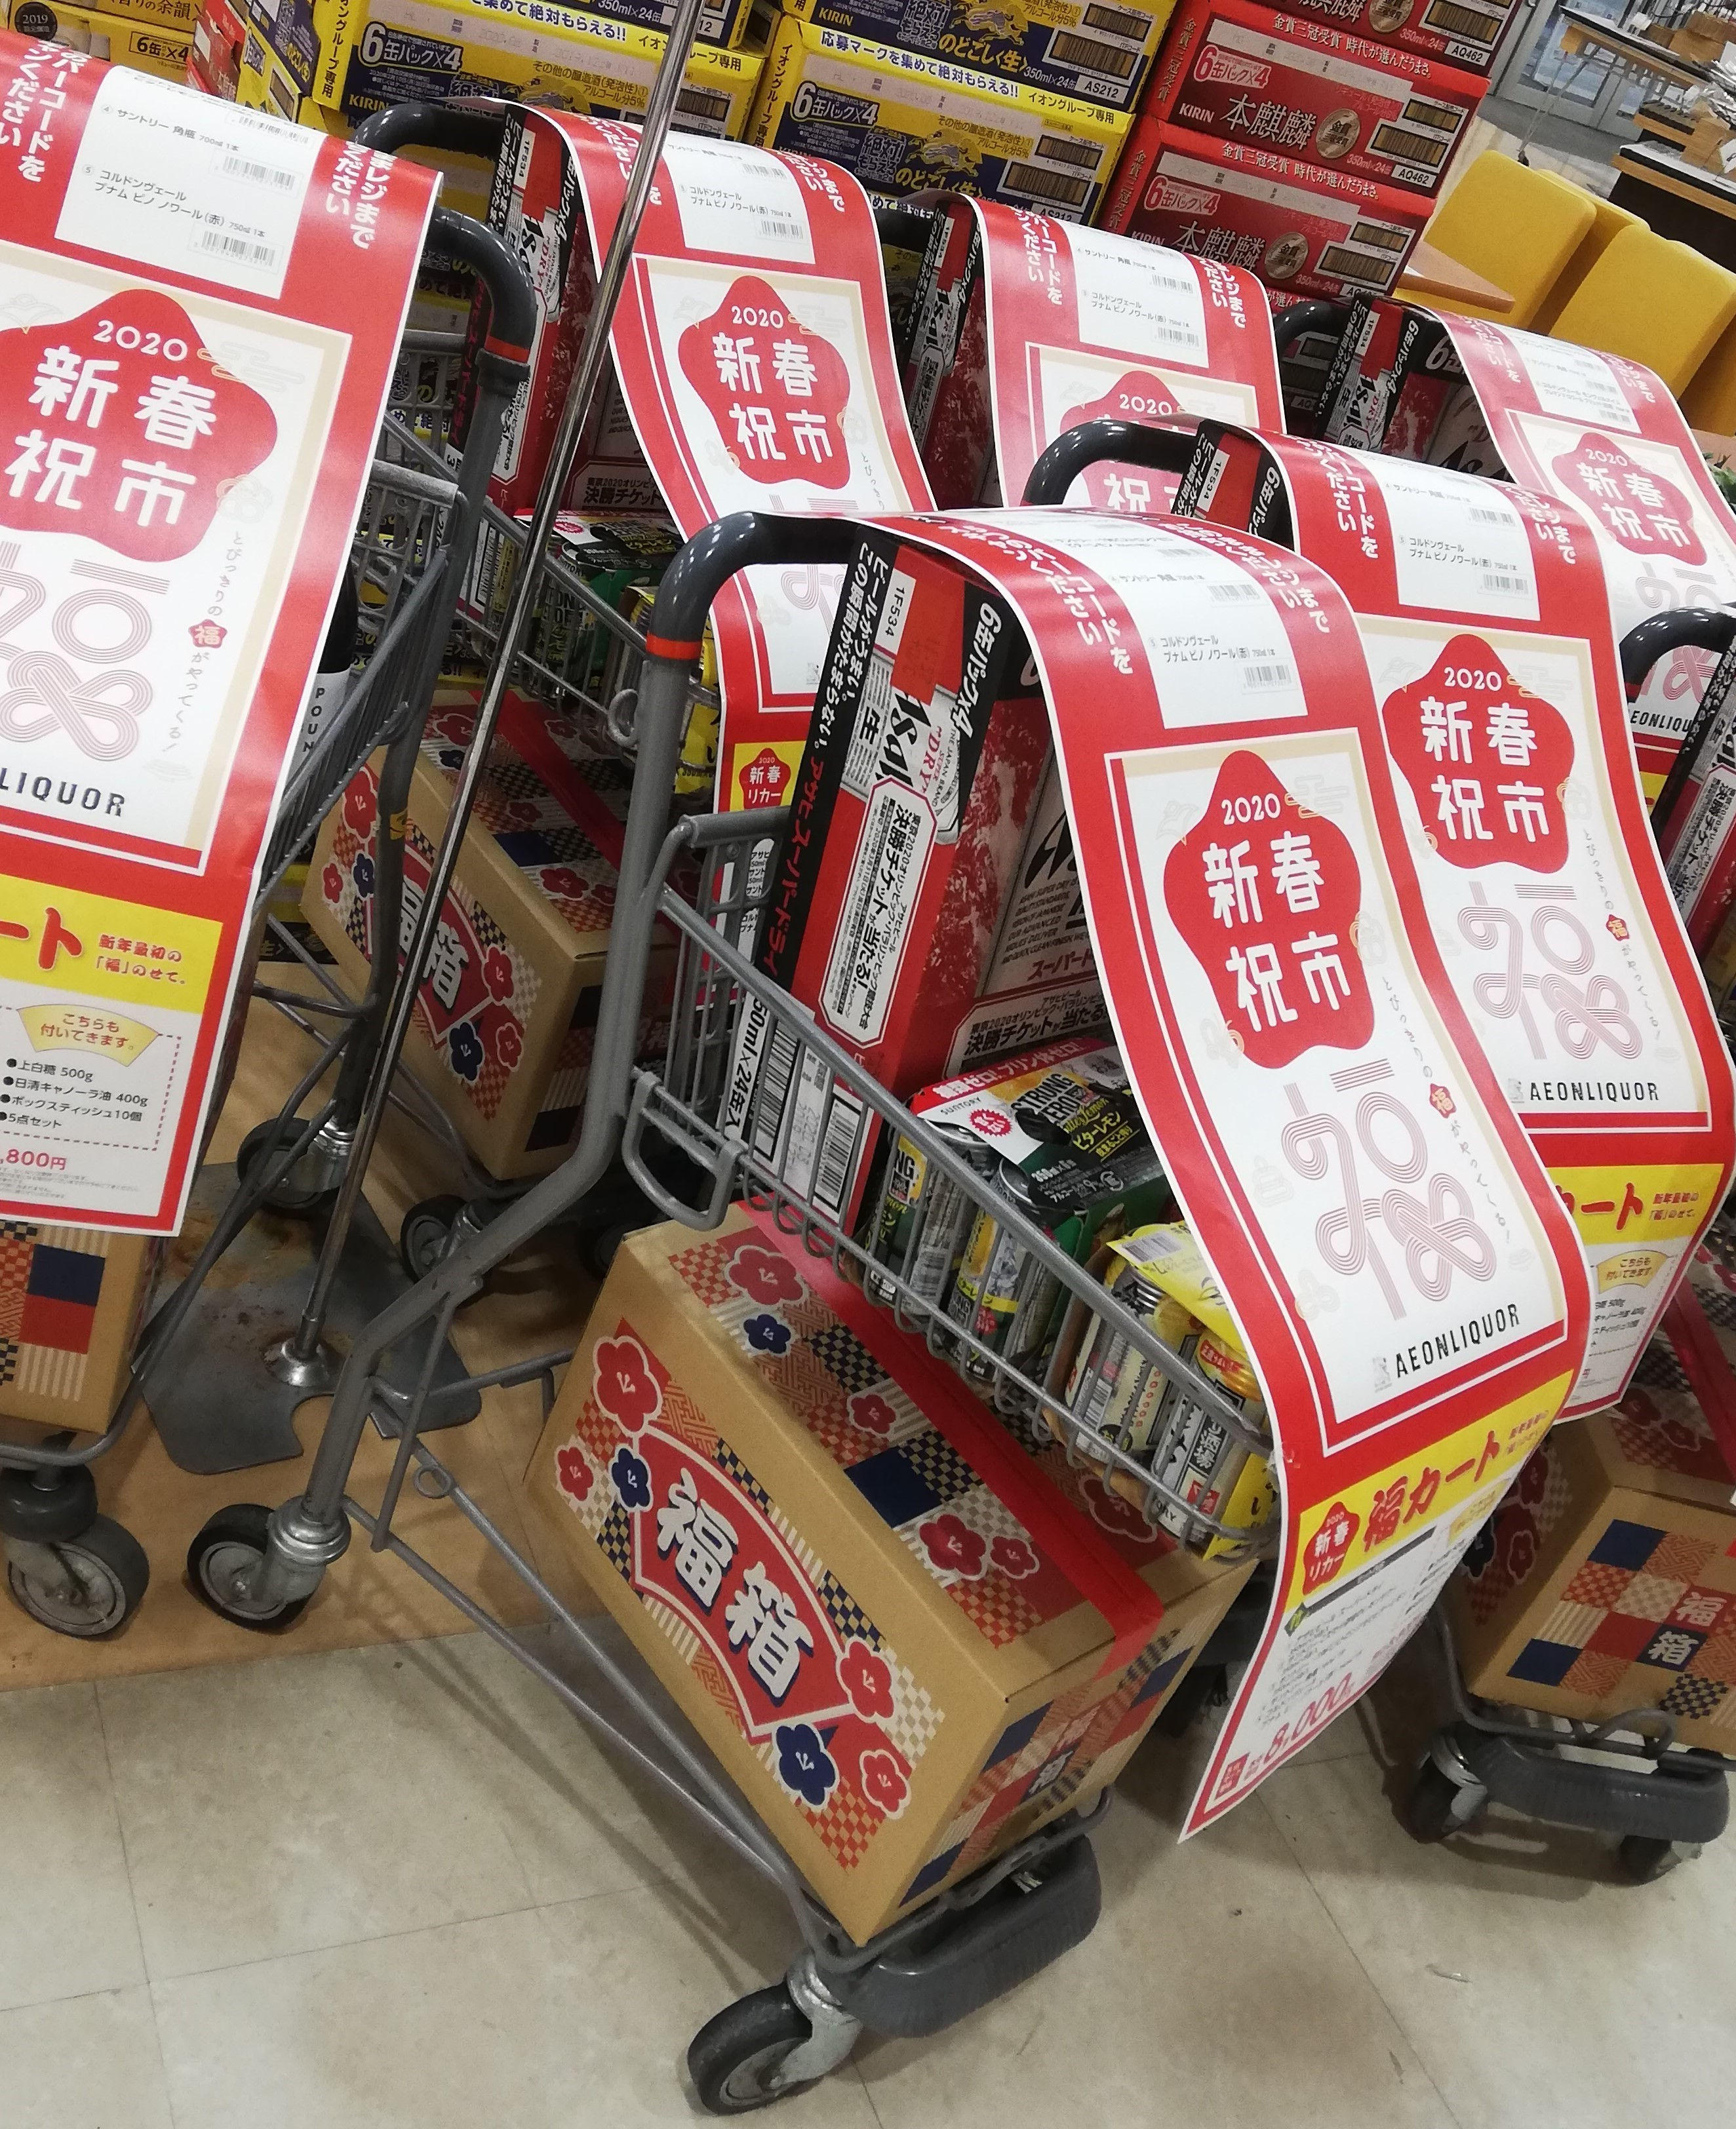 日本的新年是怎么度过